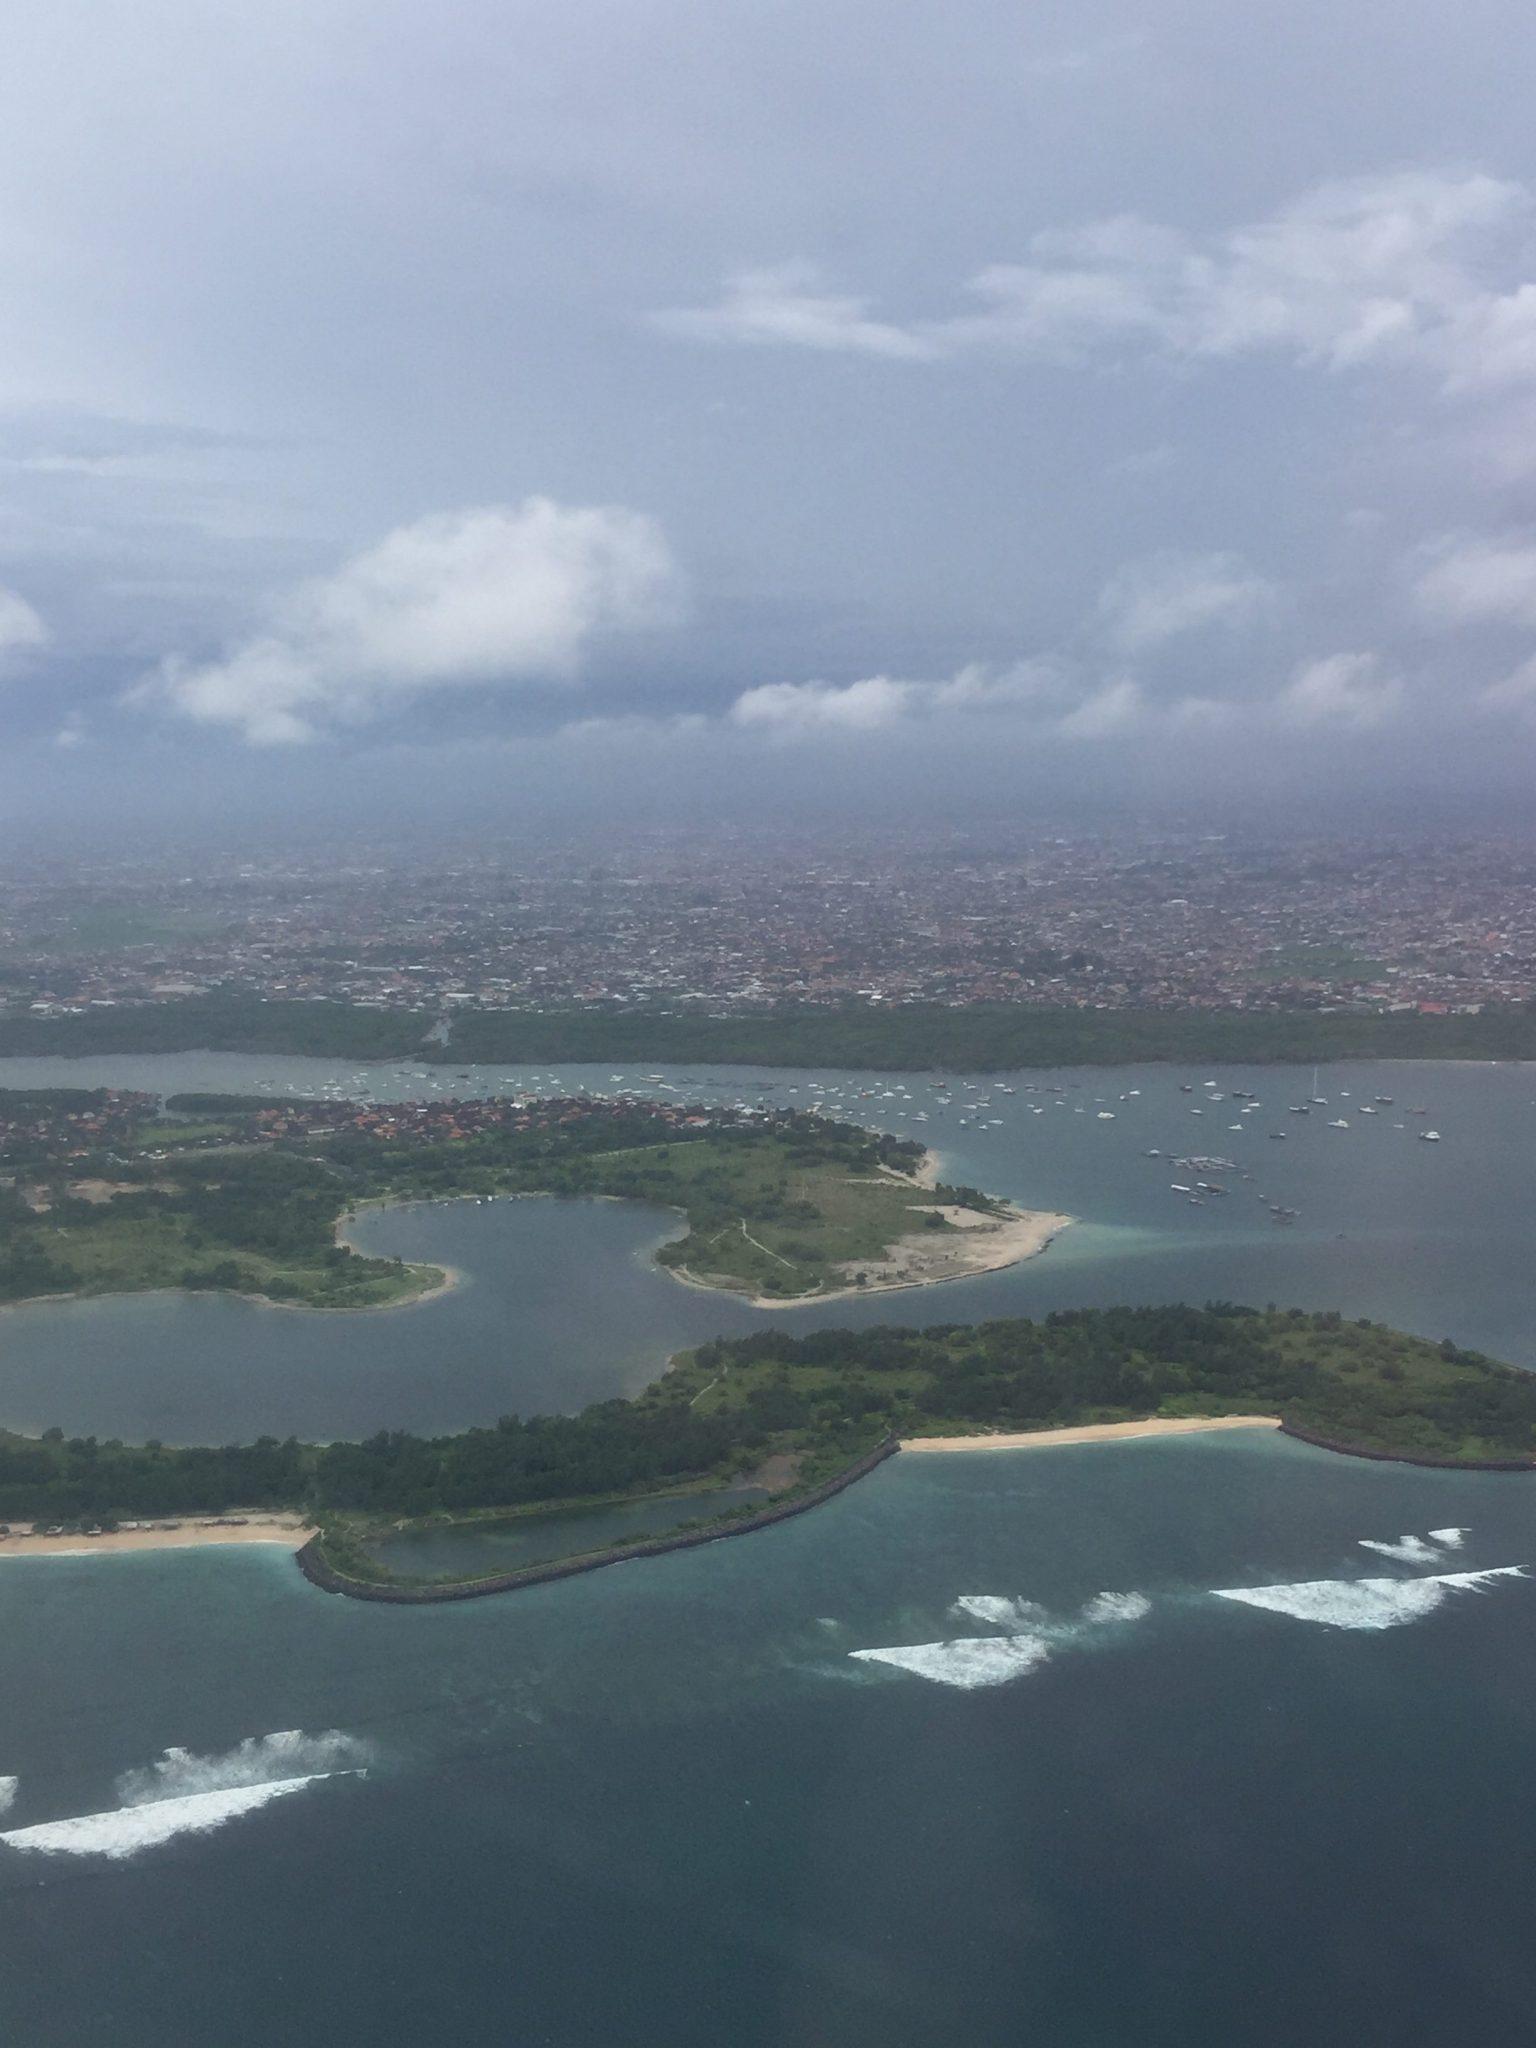 View over Bali Denpasar